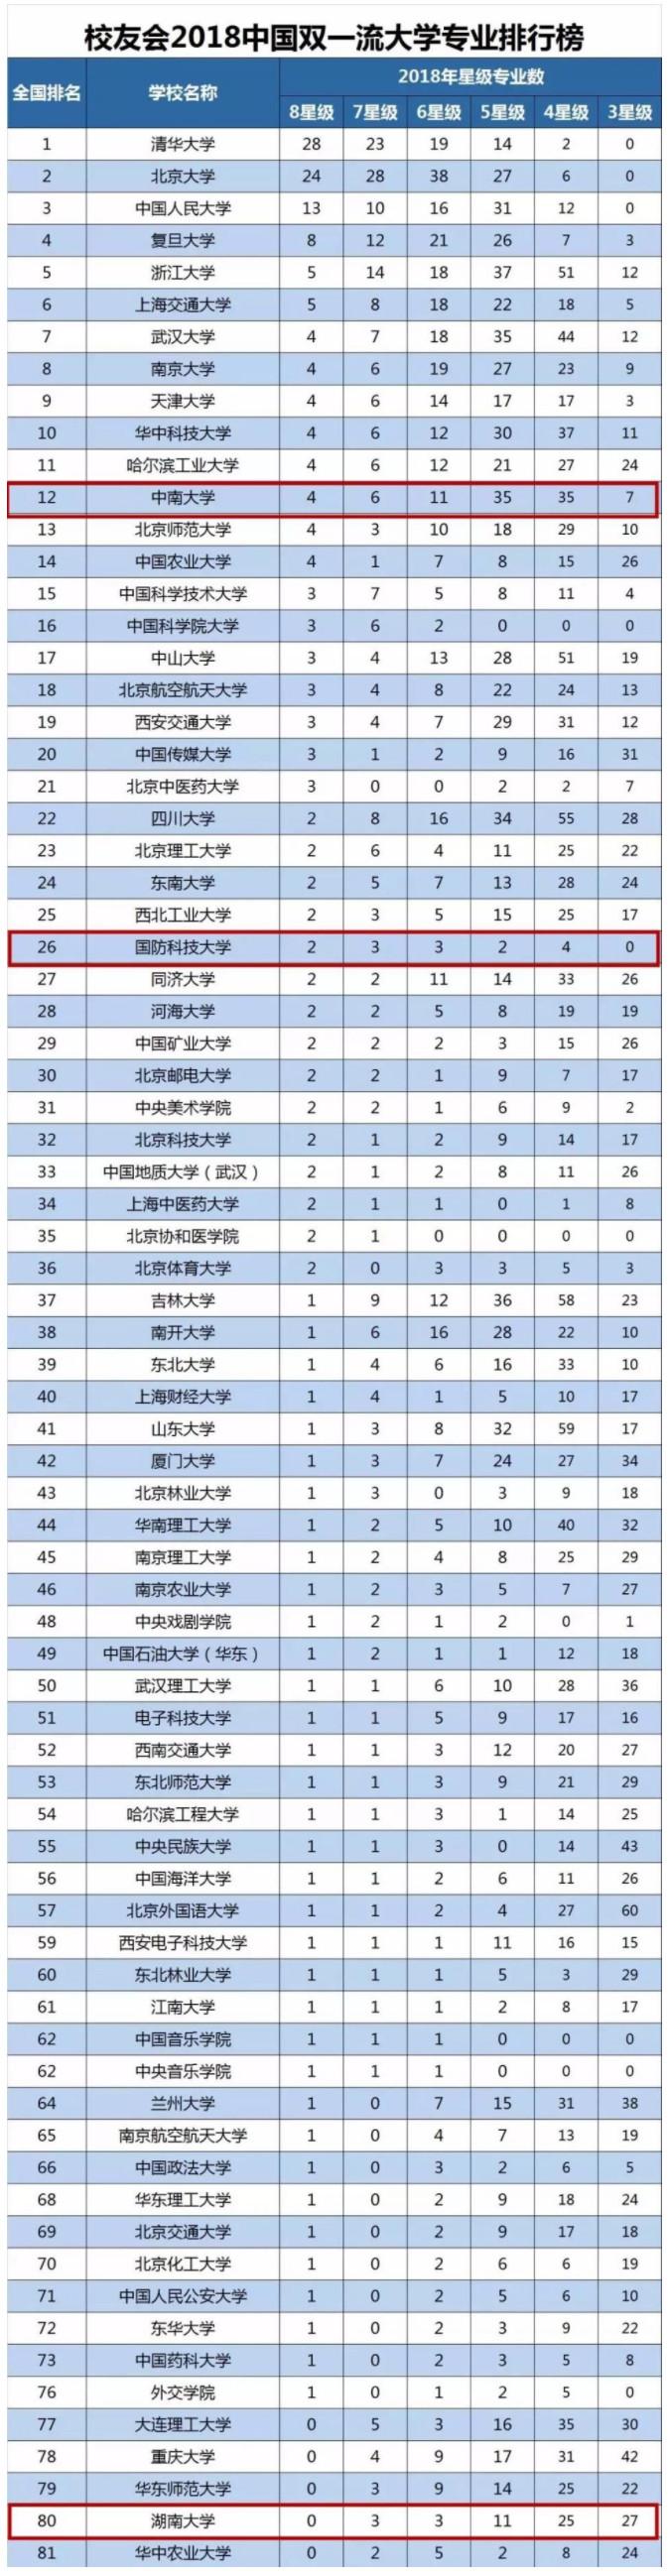 湖南4所学校跻身2018年中国双一流大学专业排行榜!有你向往的学校吗?